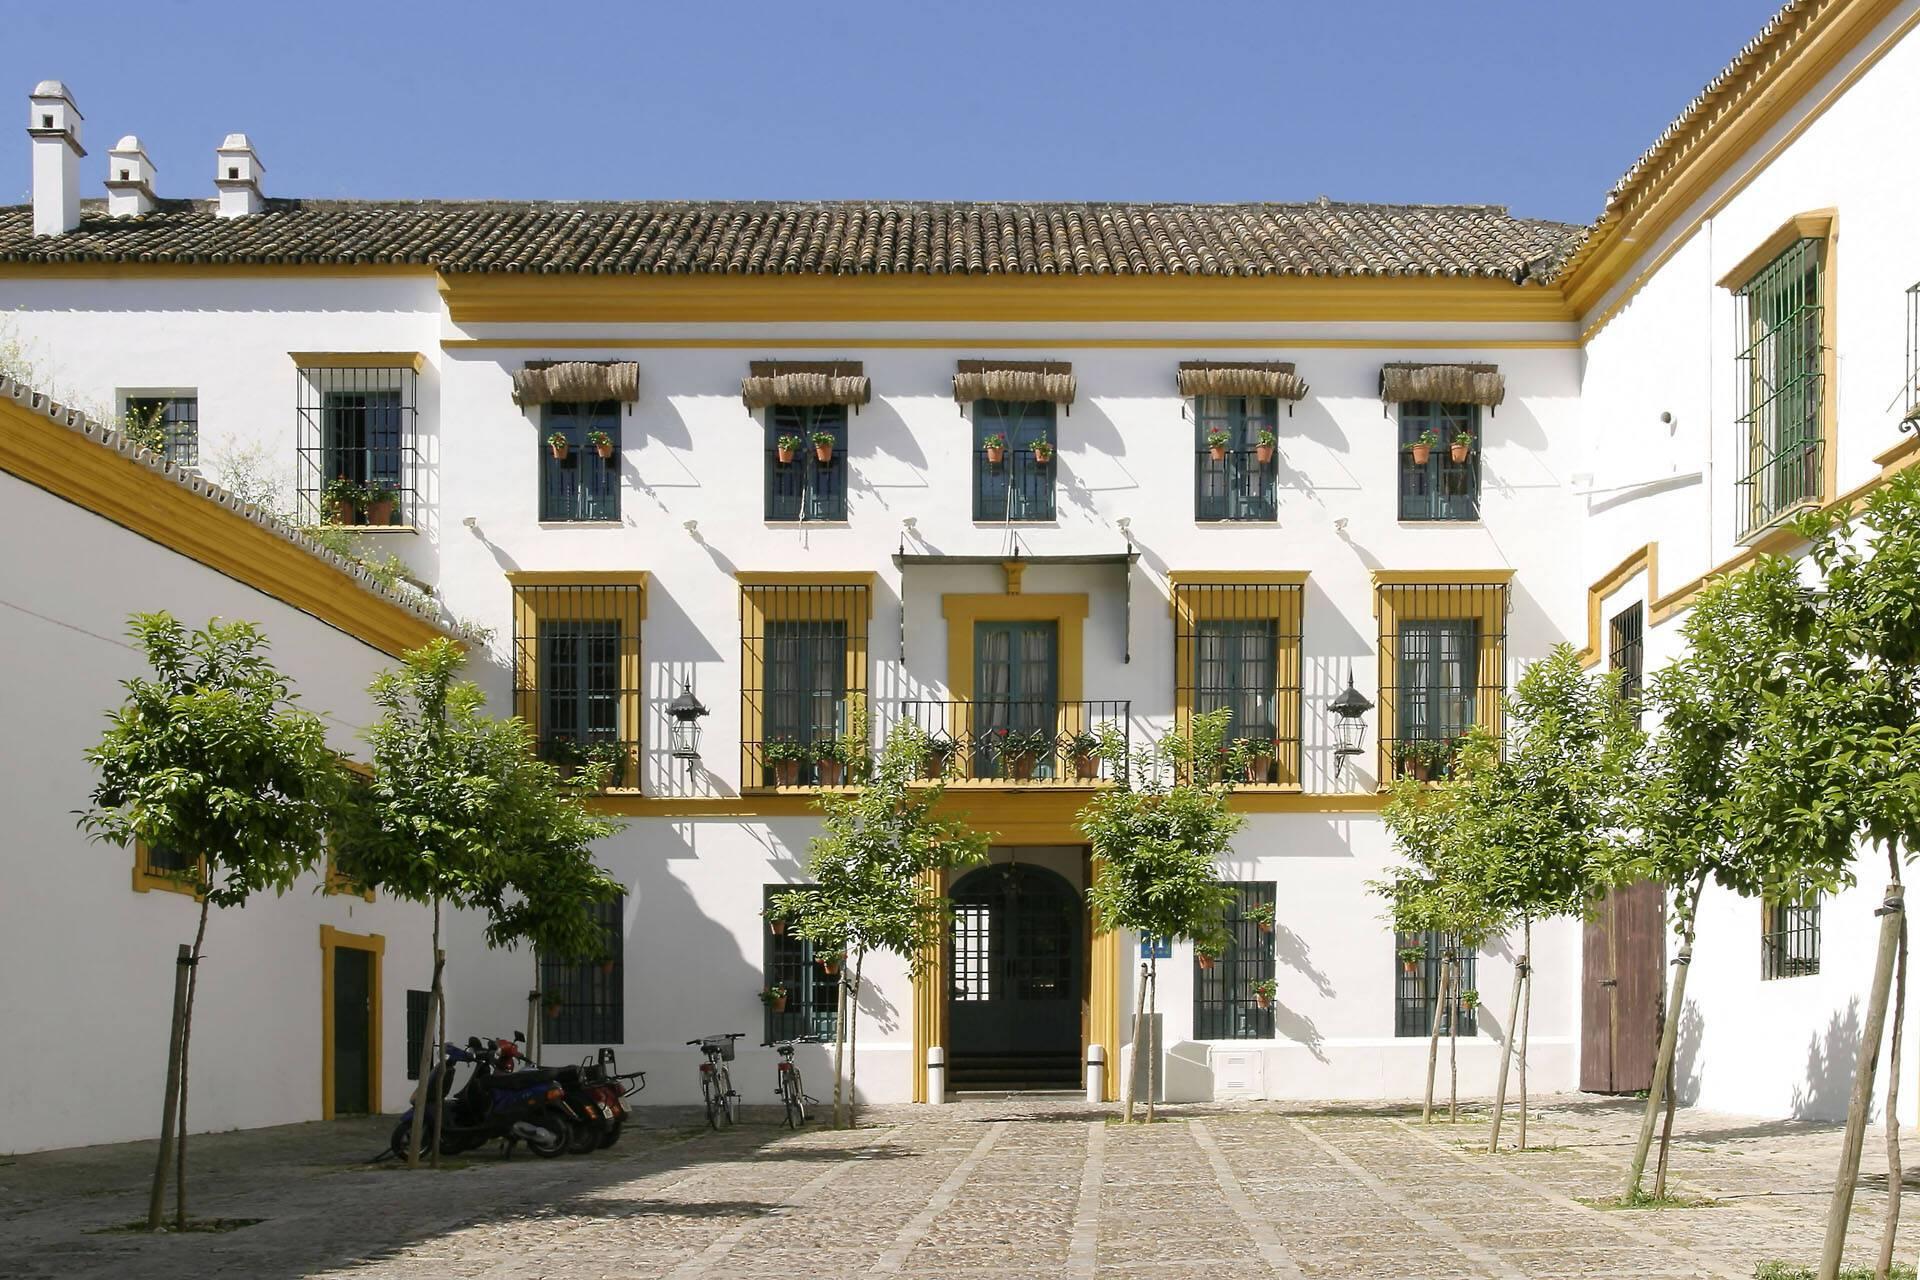 Hotel Hospes Casas Rey Baeza Seville Patio